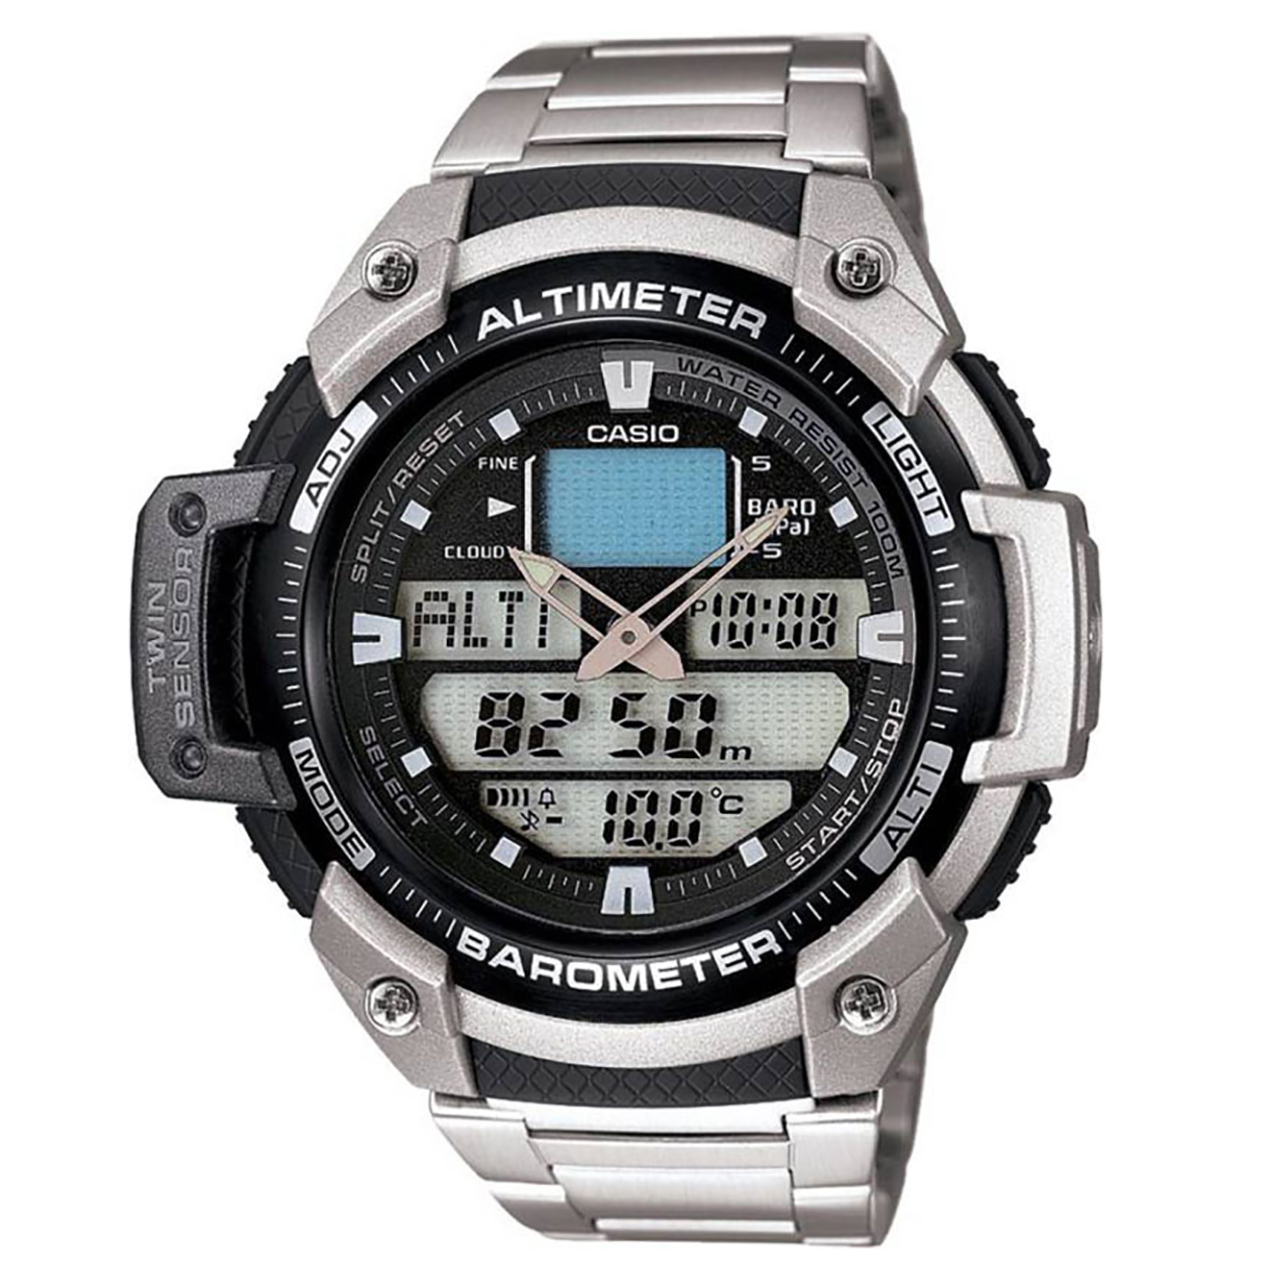 ساعت مچی دیجیتالی کاسیو مدل SGW-400HD-1BVDR